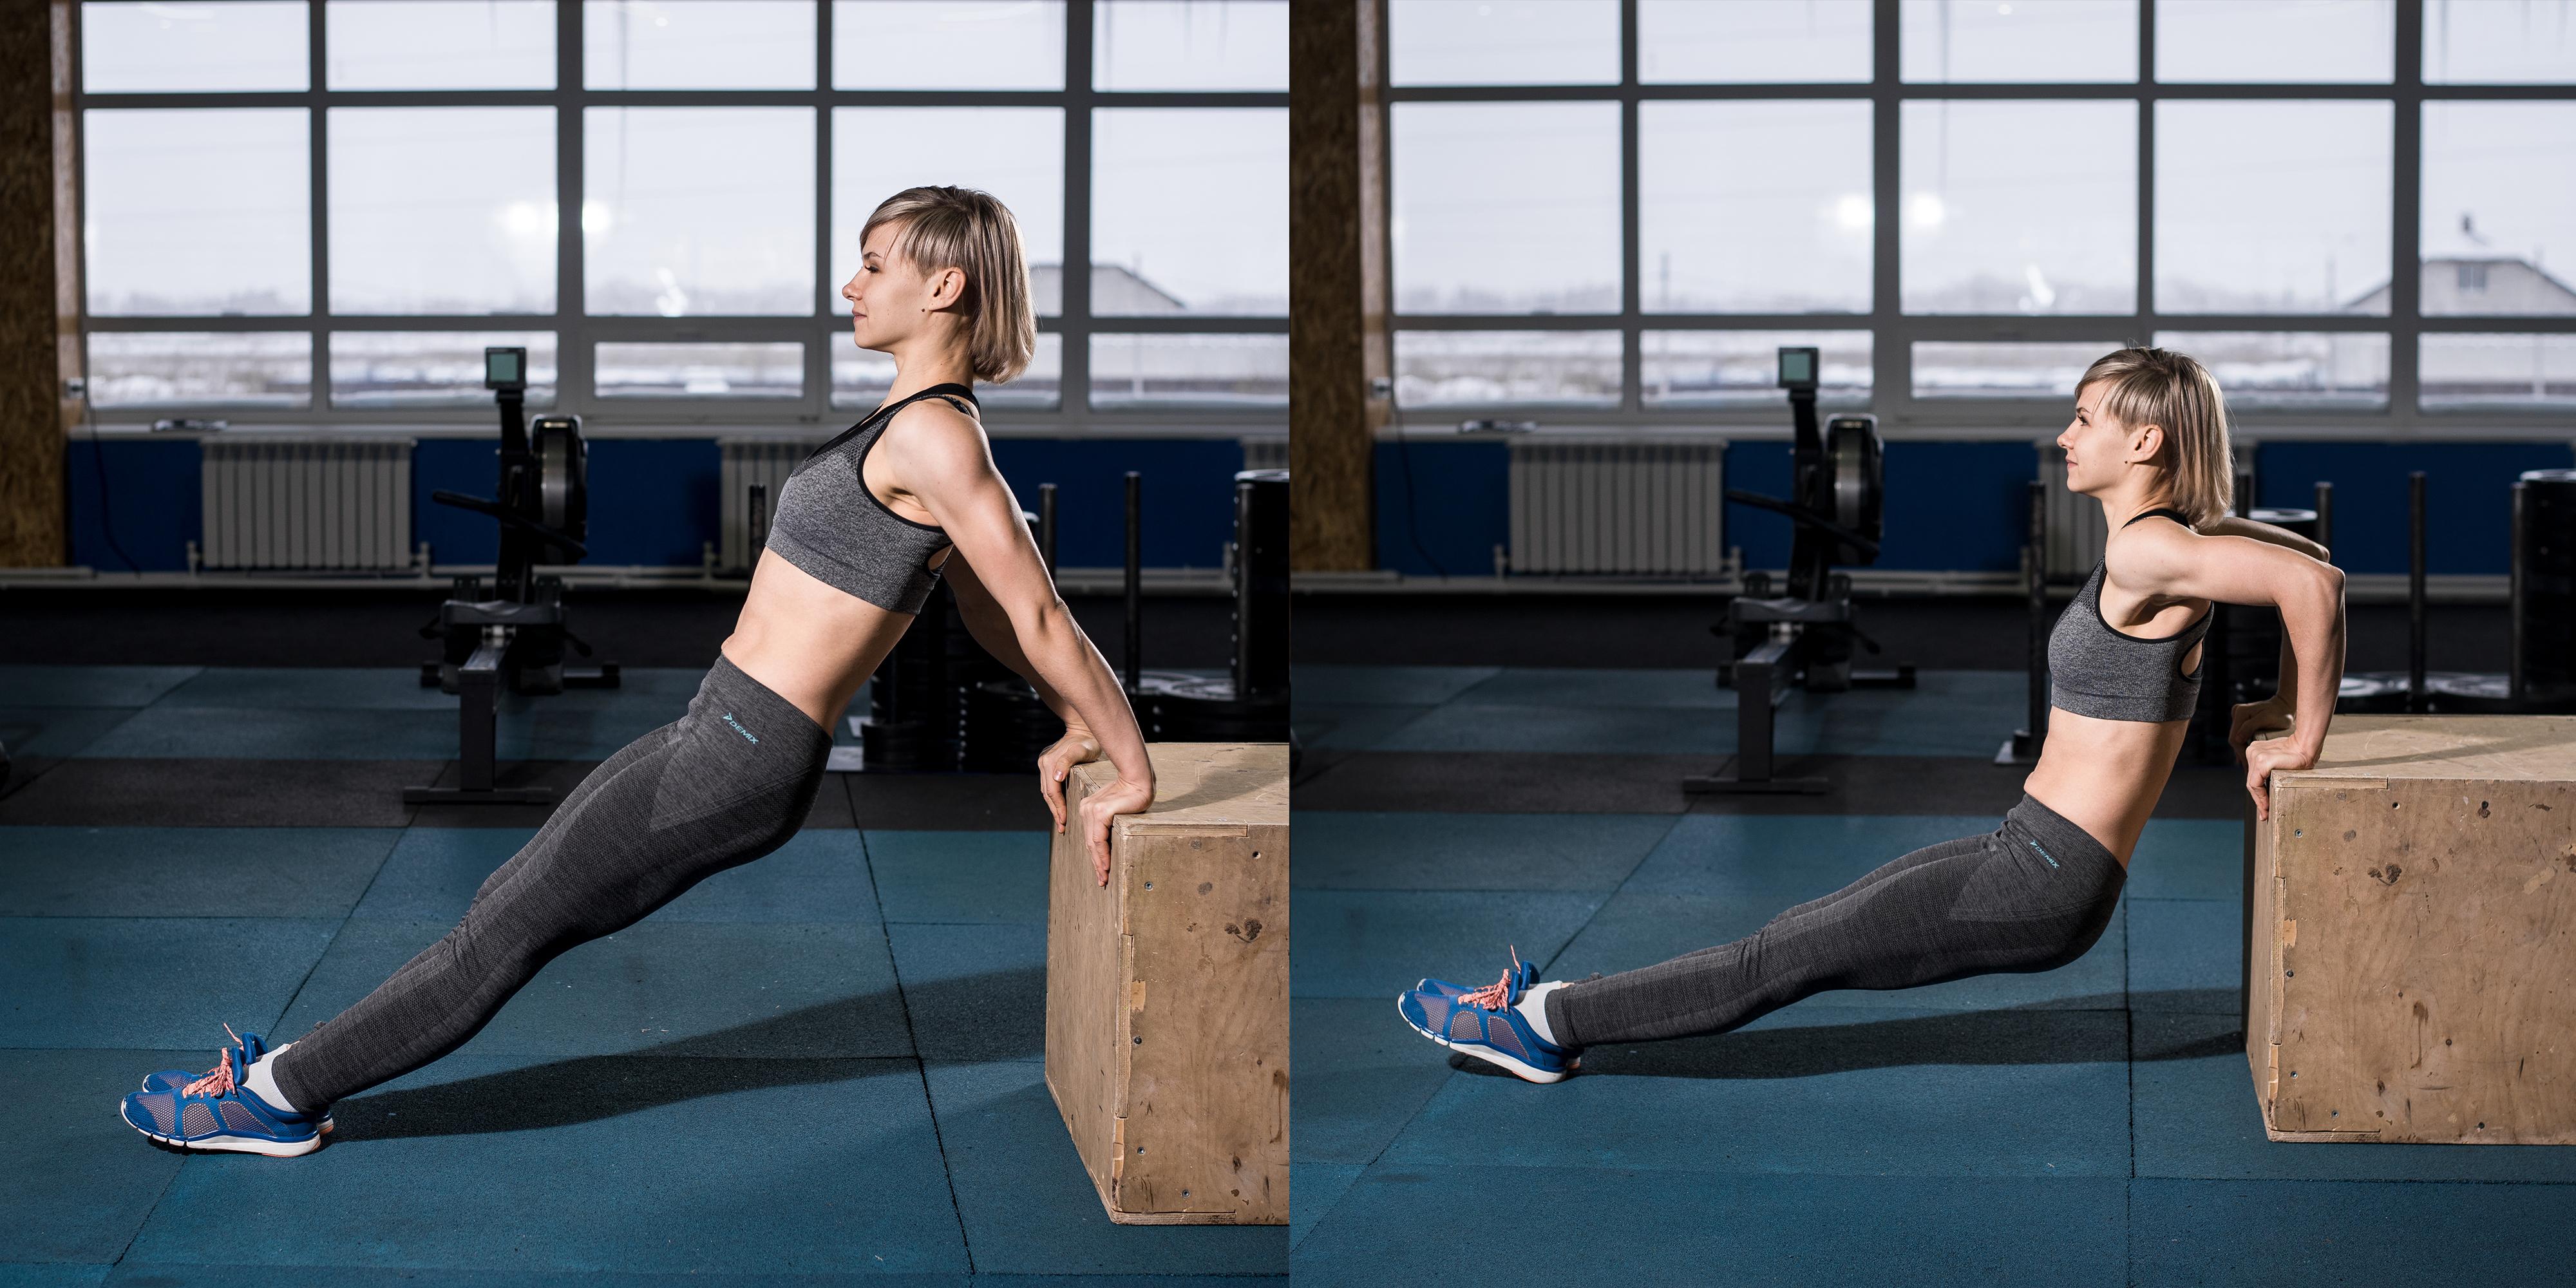 c75657724cde Как похудеть на 5–10 кг  программа тренировок и питания для ...